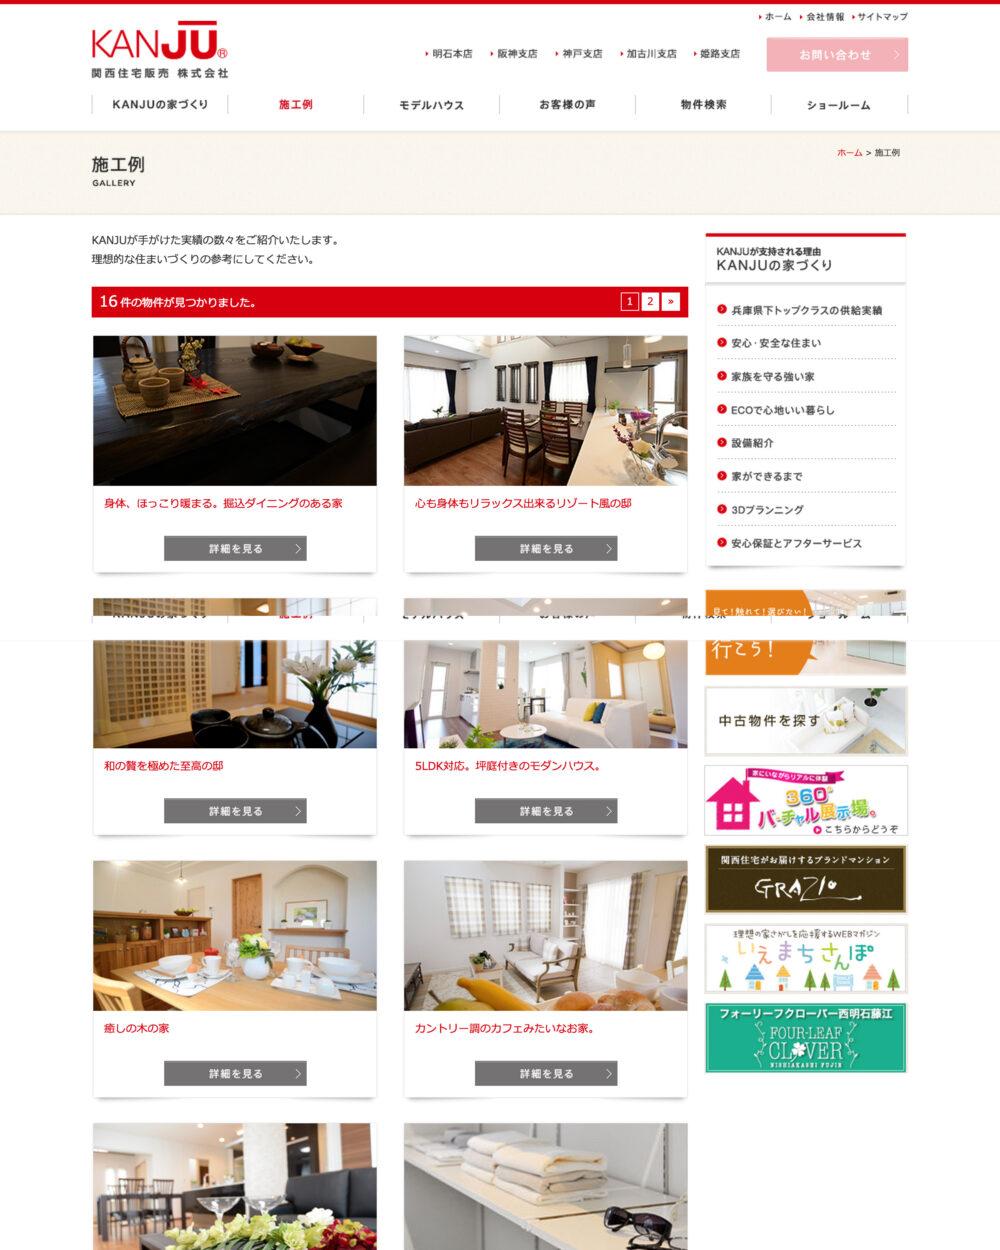 関西住宅販売株式会社